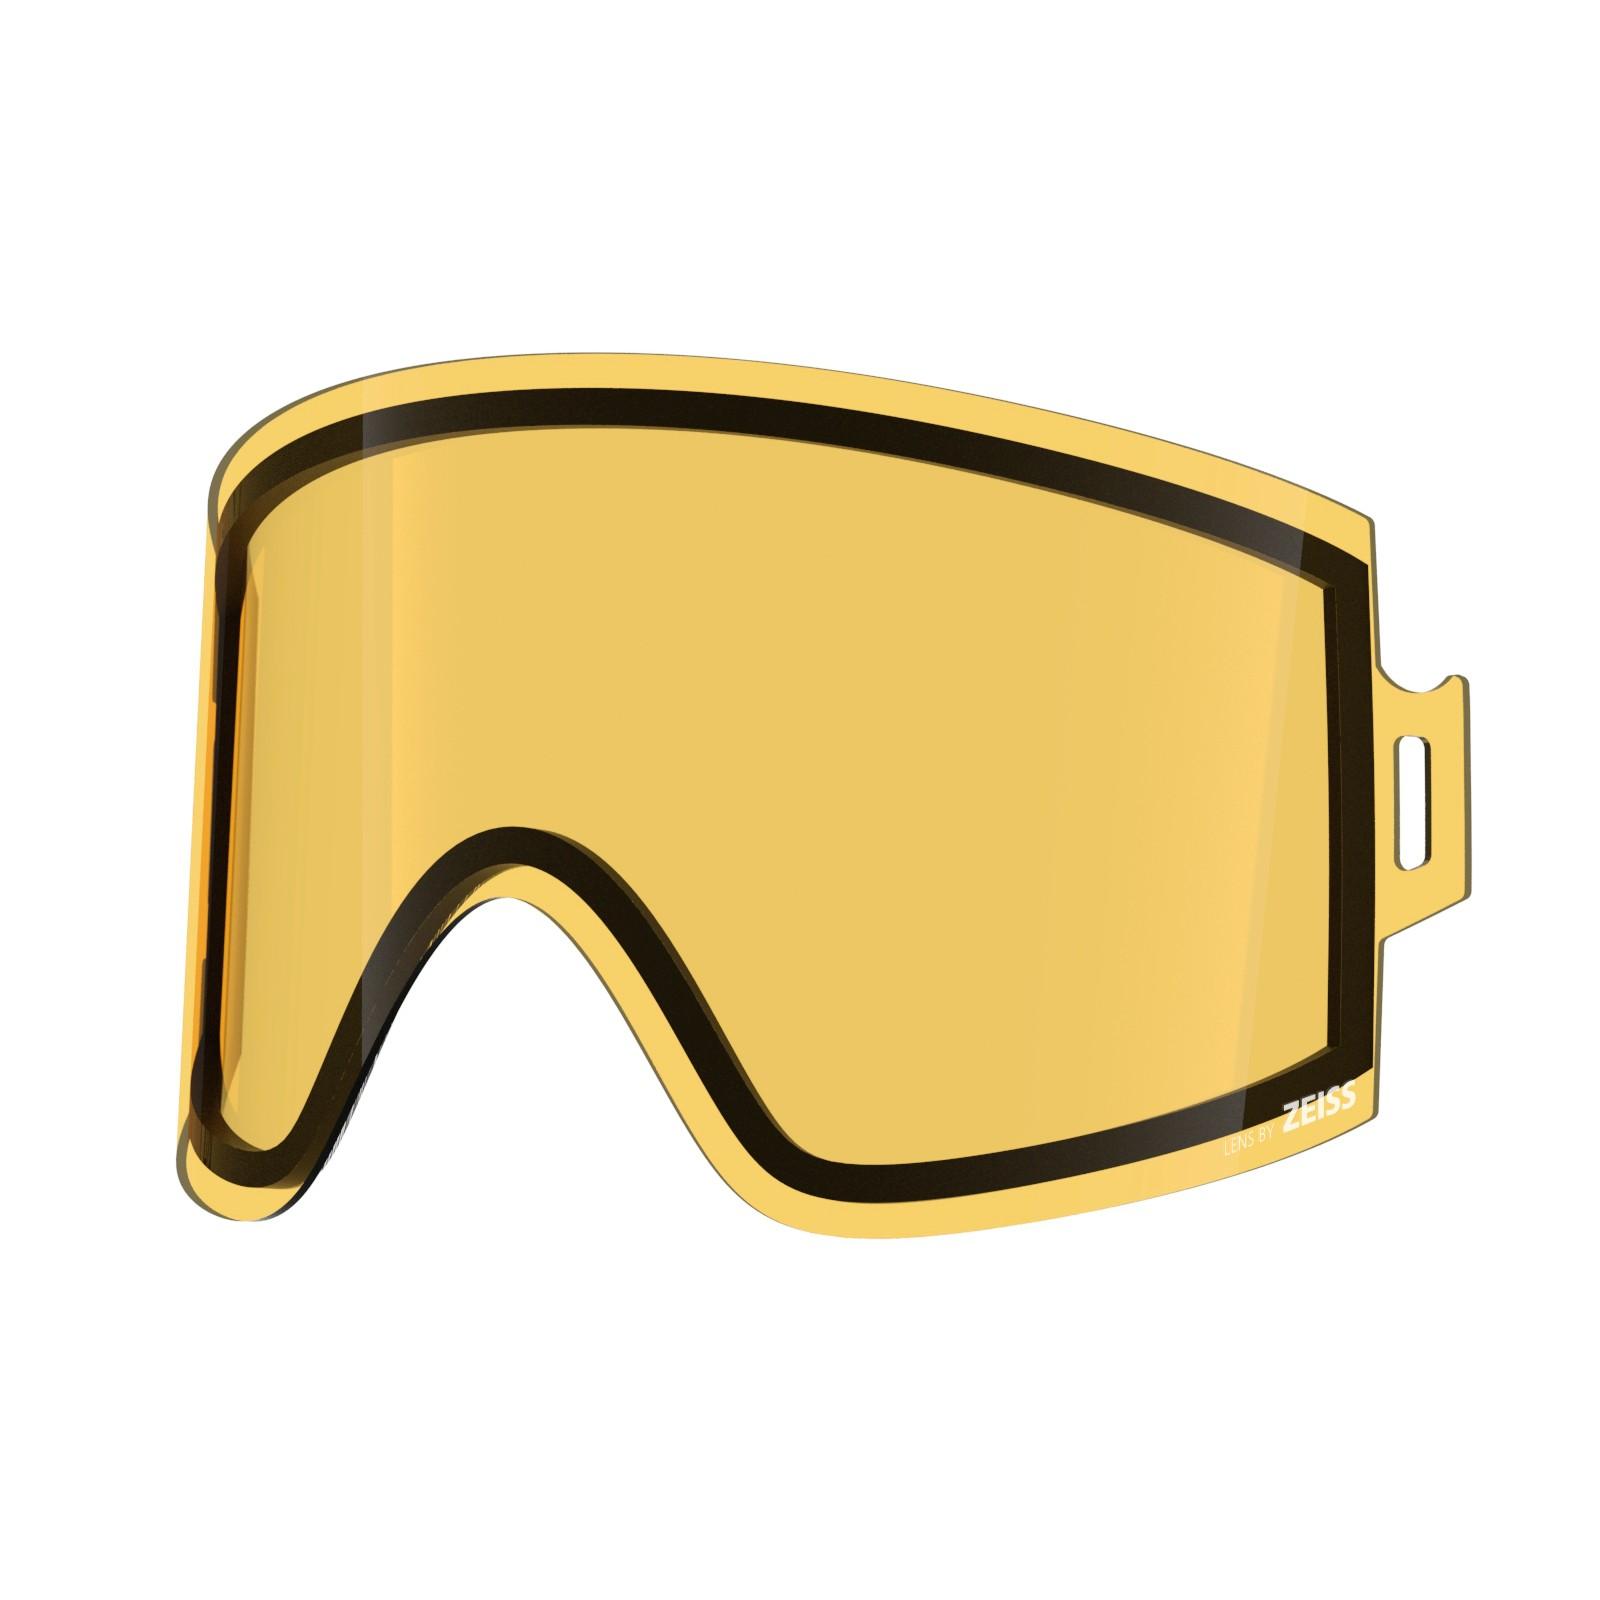 YELLOW lens for  Katana goggle